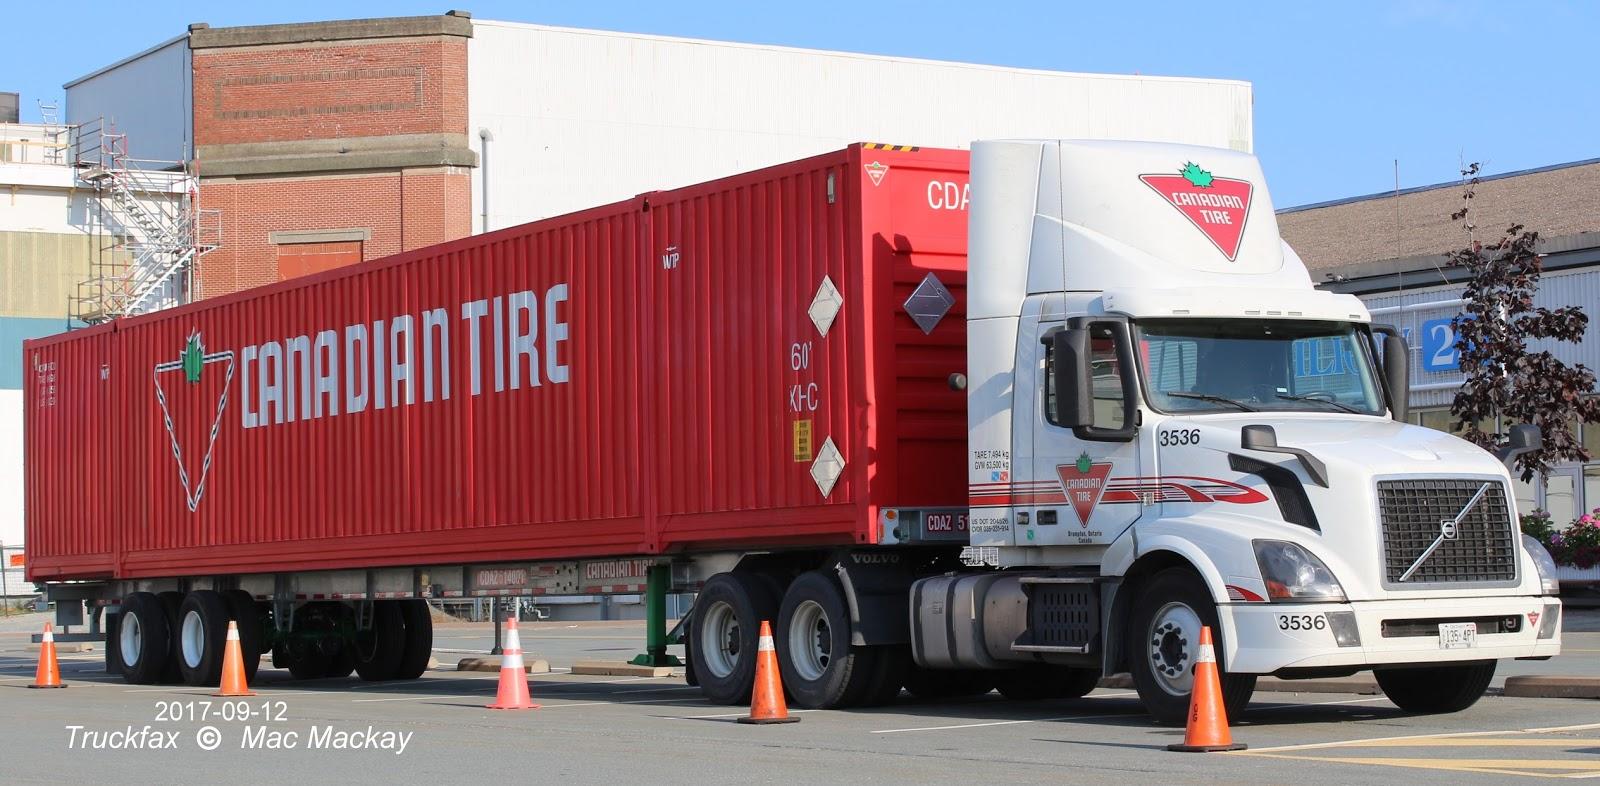 Truckfax 60 Is The New 40